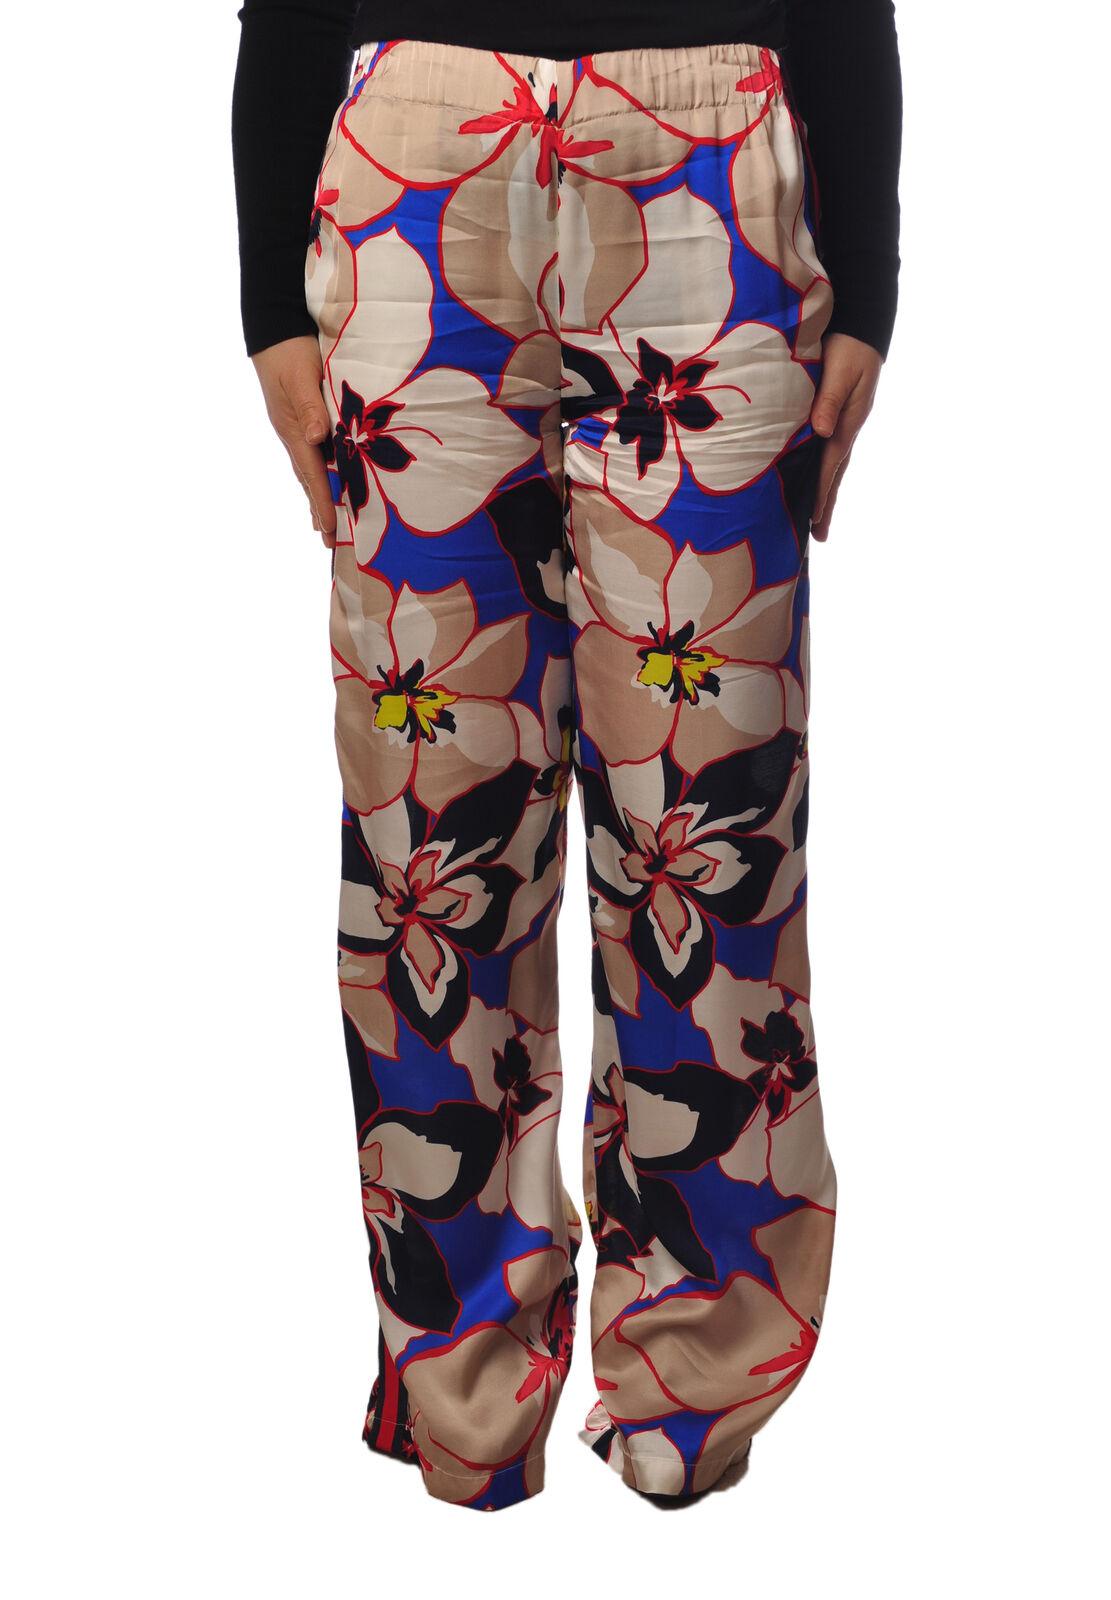 Ki 6 - Pants-Pants - Woman - Fantasy - 4969426E184600